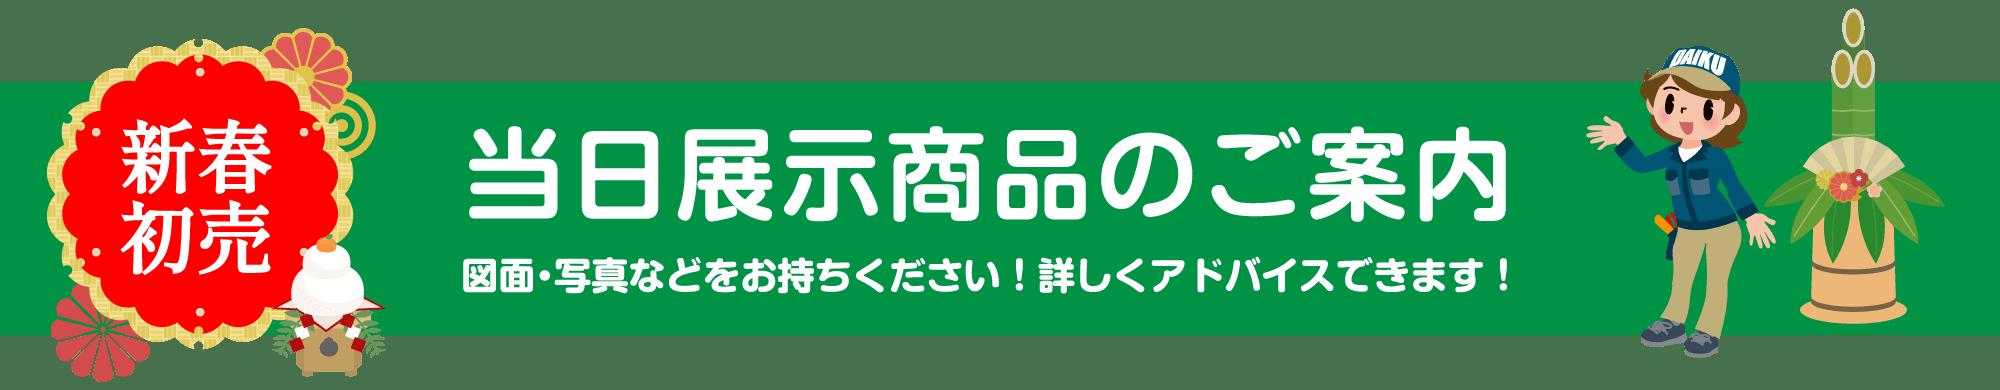 仙台のリフォーム専門店 ダイクショールーム 2021年新春リフォーム初売り祭 展示品